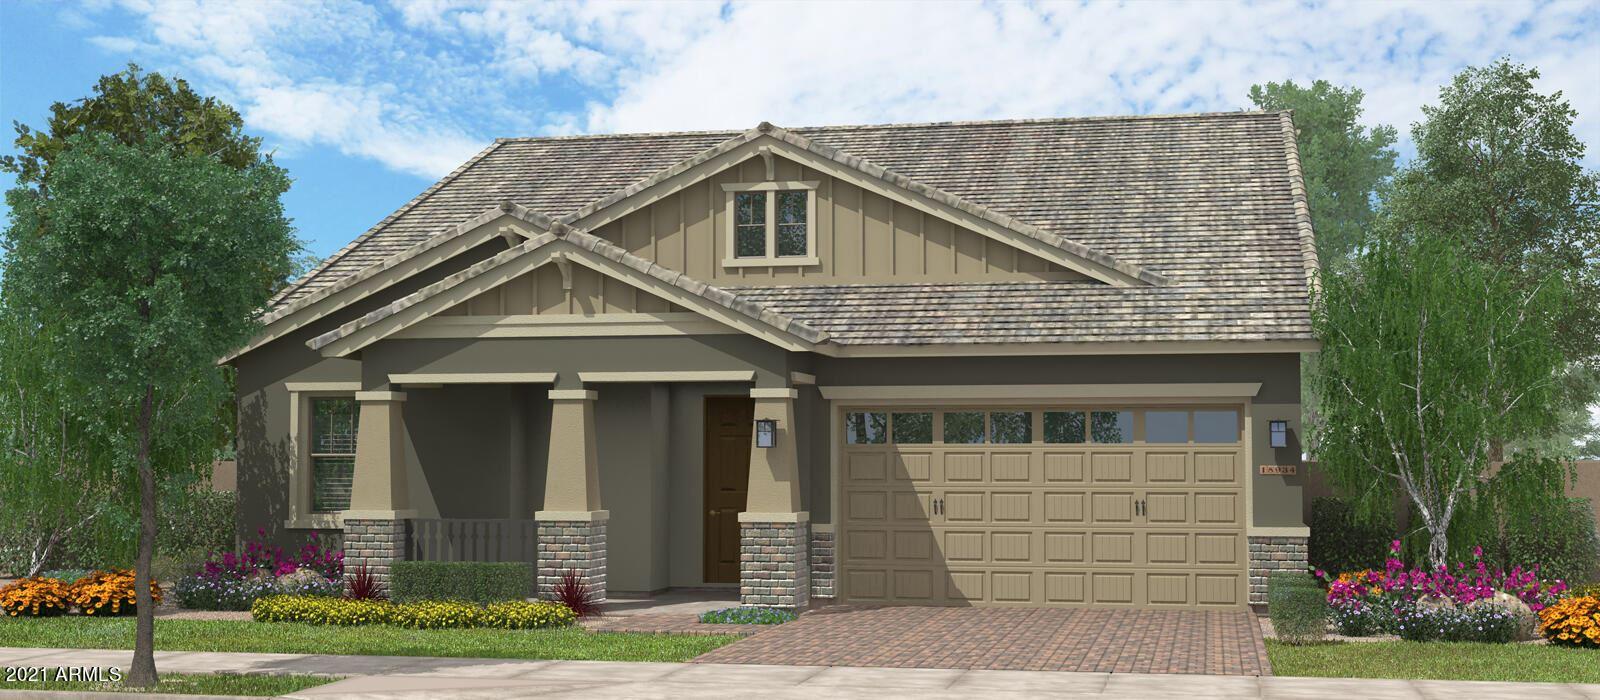 16081 W ELECTRA Lane W, Surprise, AZ 85387 - MLS#: 6262433